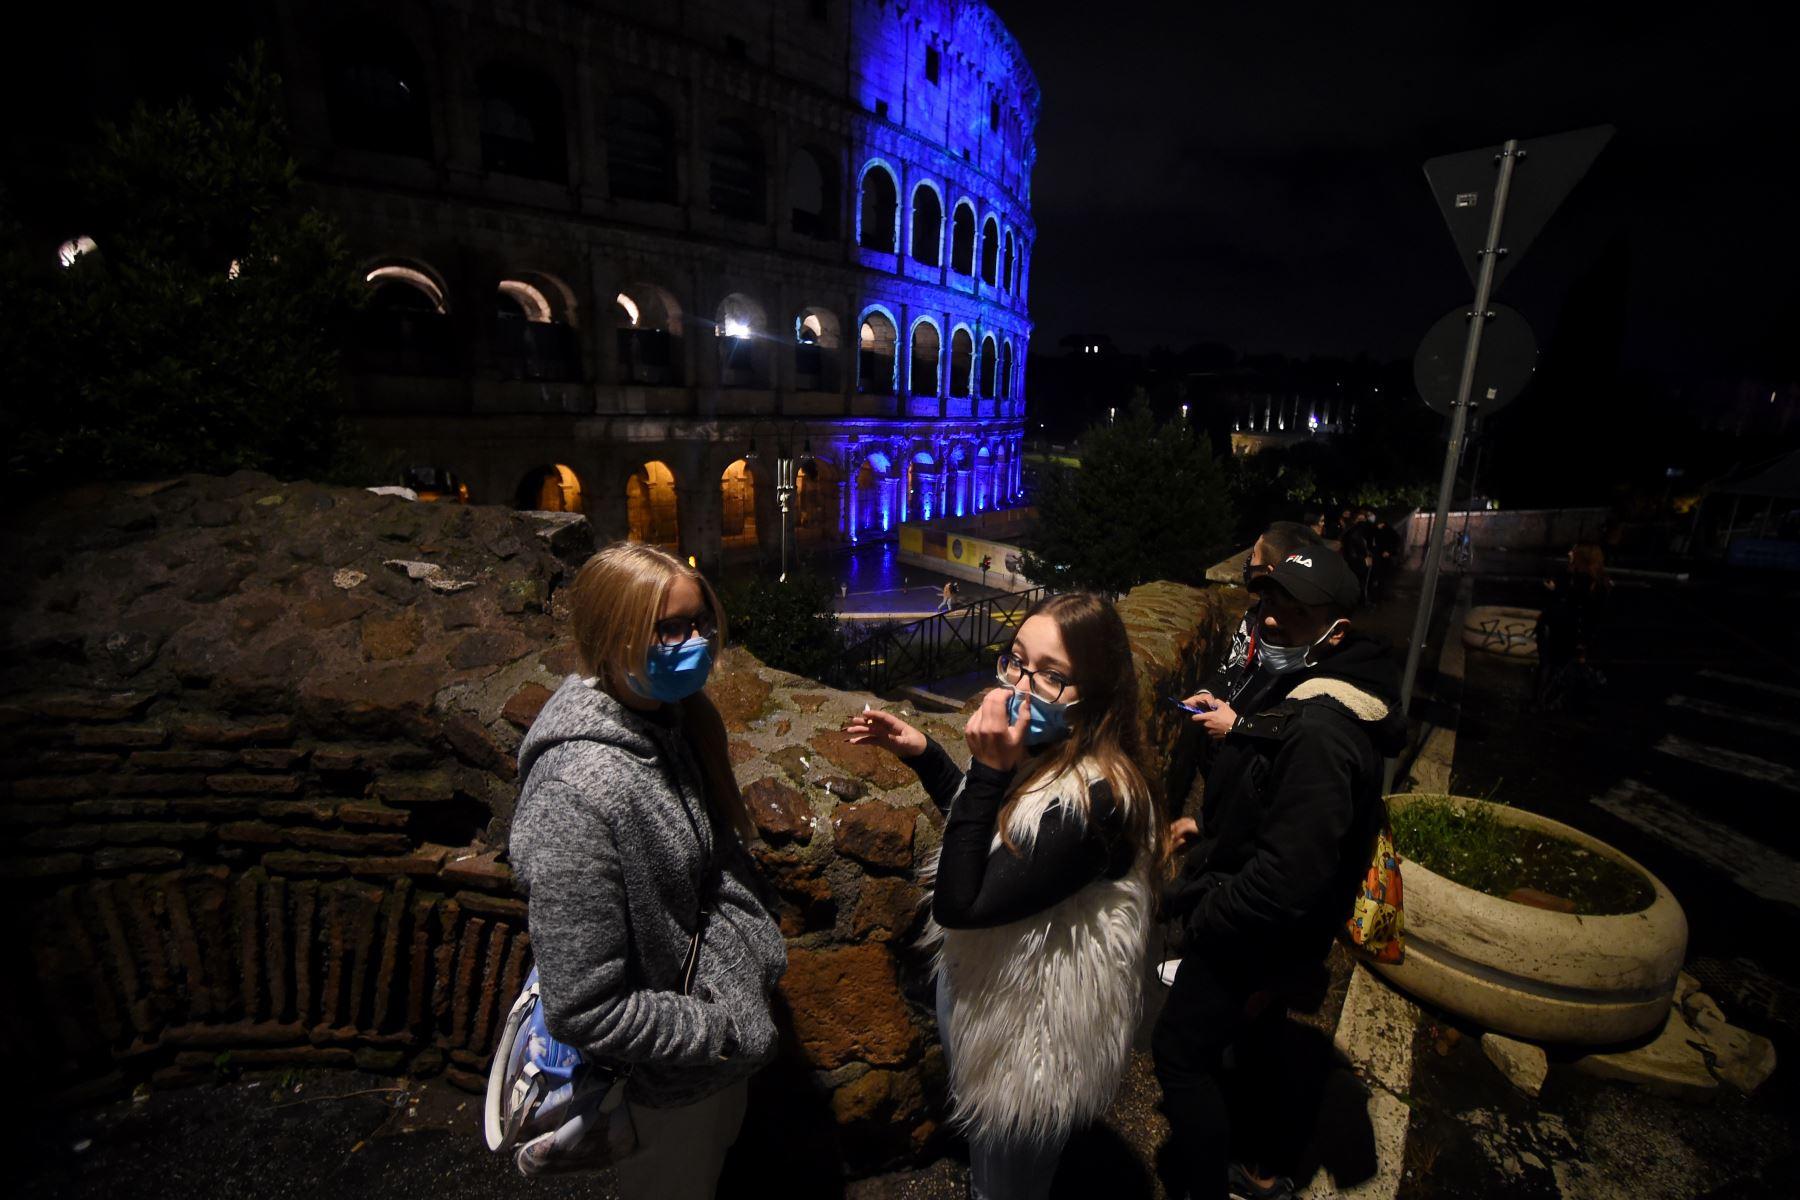 Las personas que llevan máscaras faciales dialogan junto al coliseo que se ilumina por el 75 aniversario de la FAO, en el centro de Roma. Foto: AFP